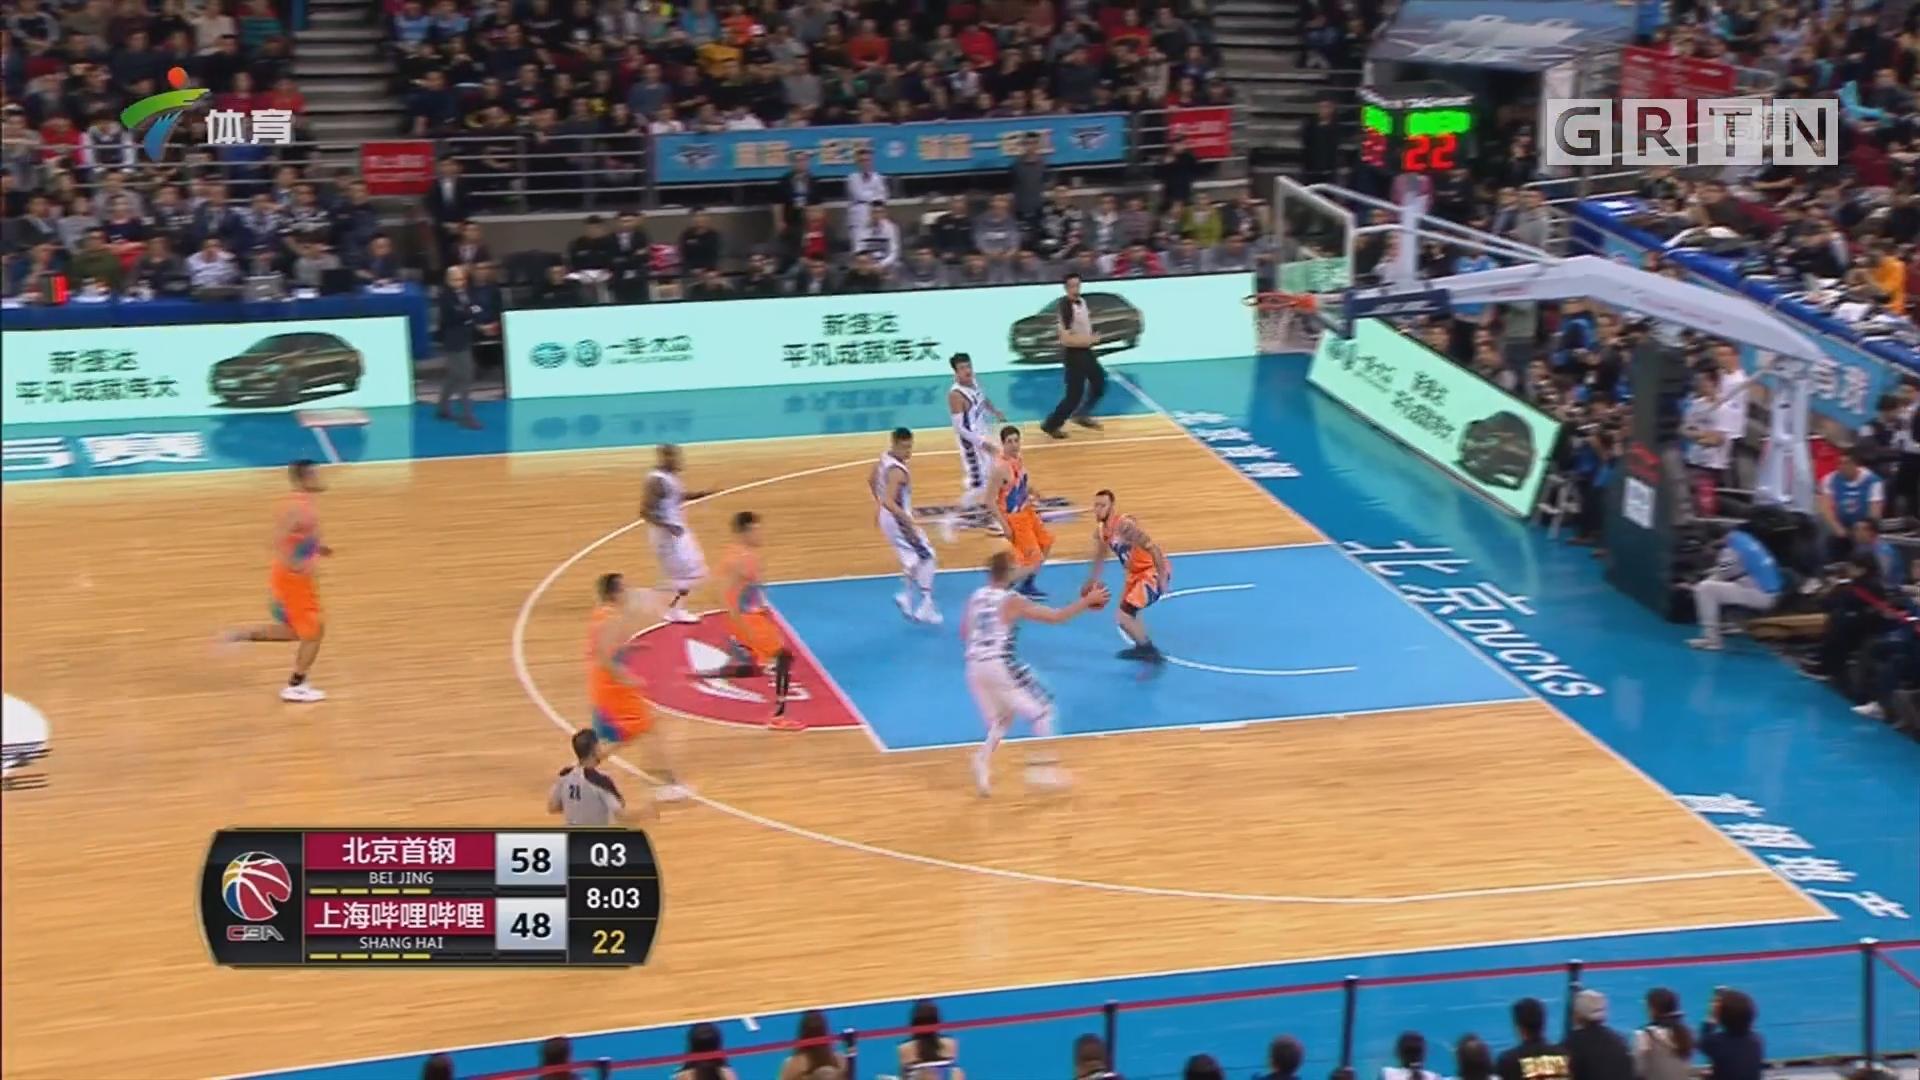 北京大胜上海闯入CBA季后赛八强